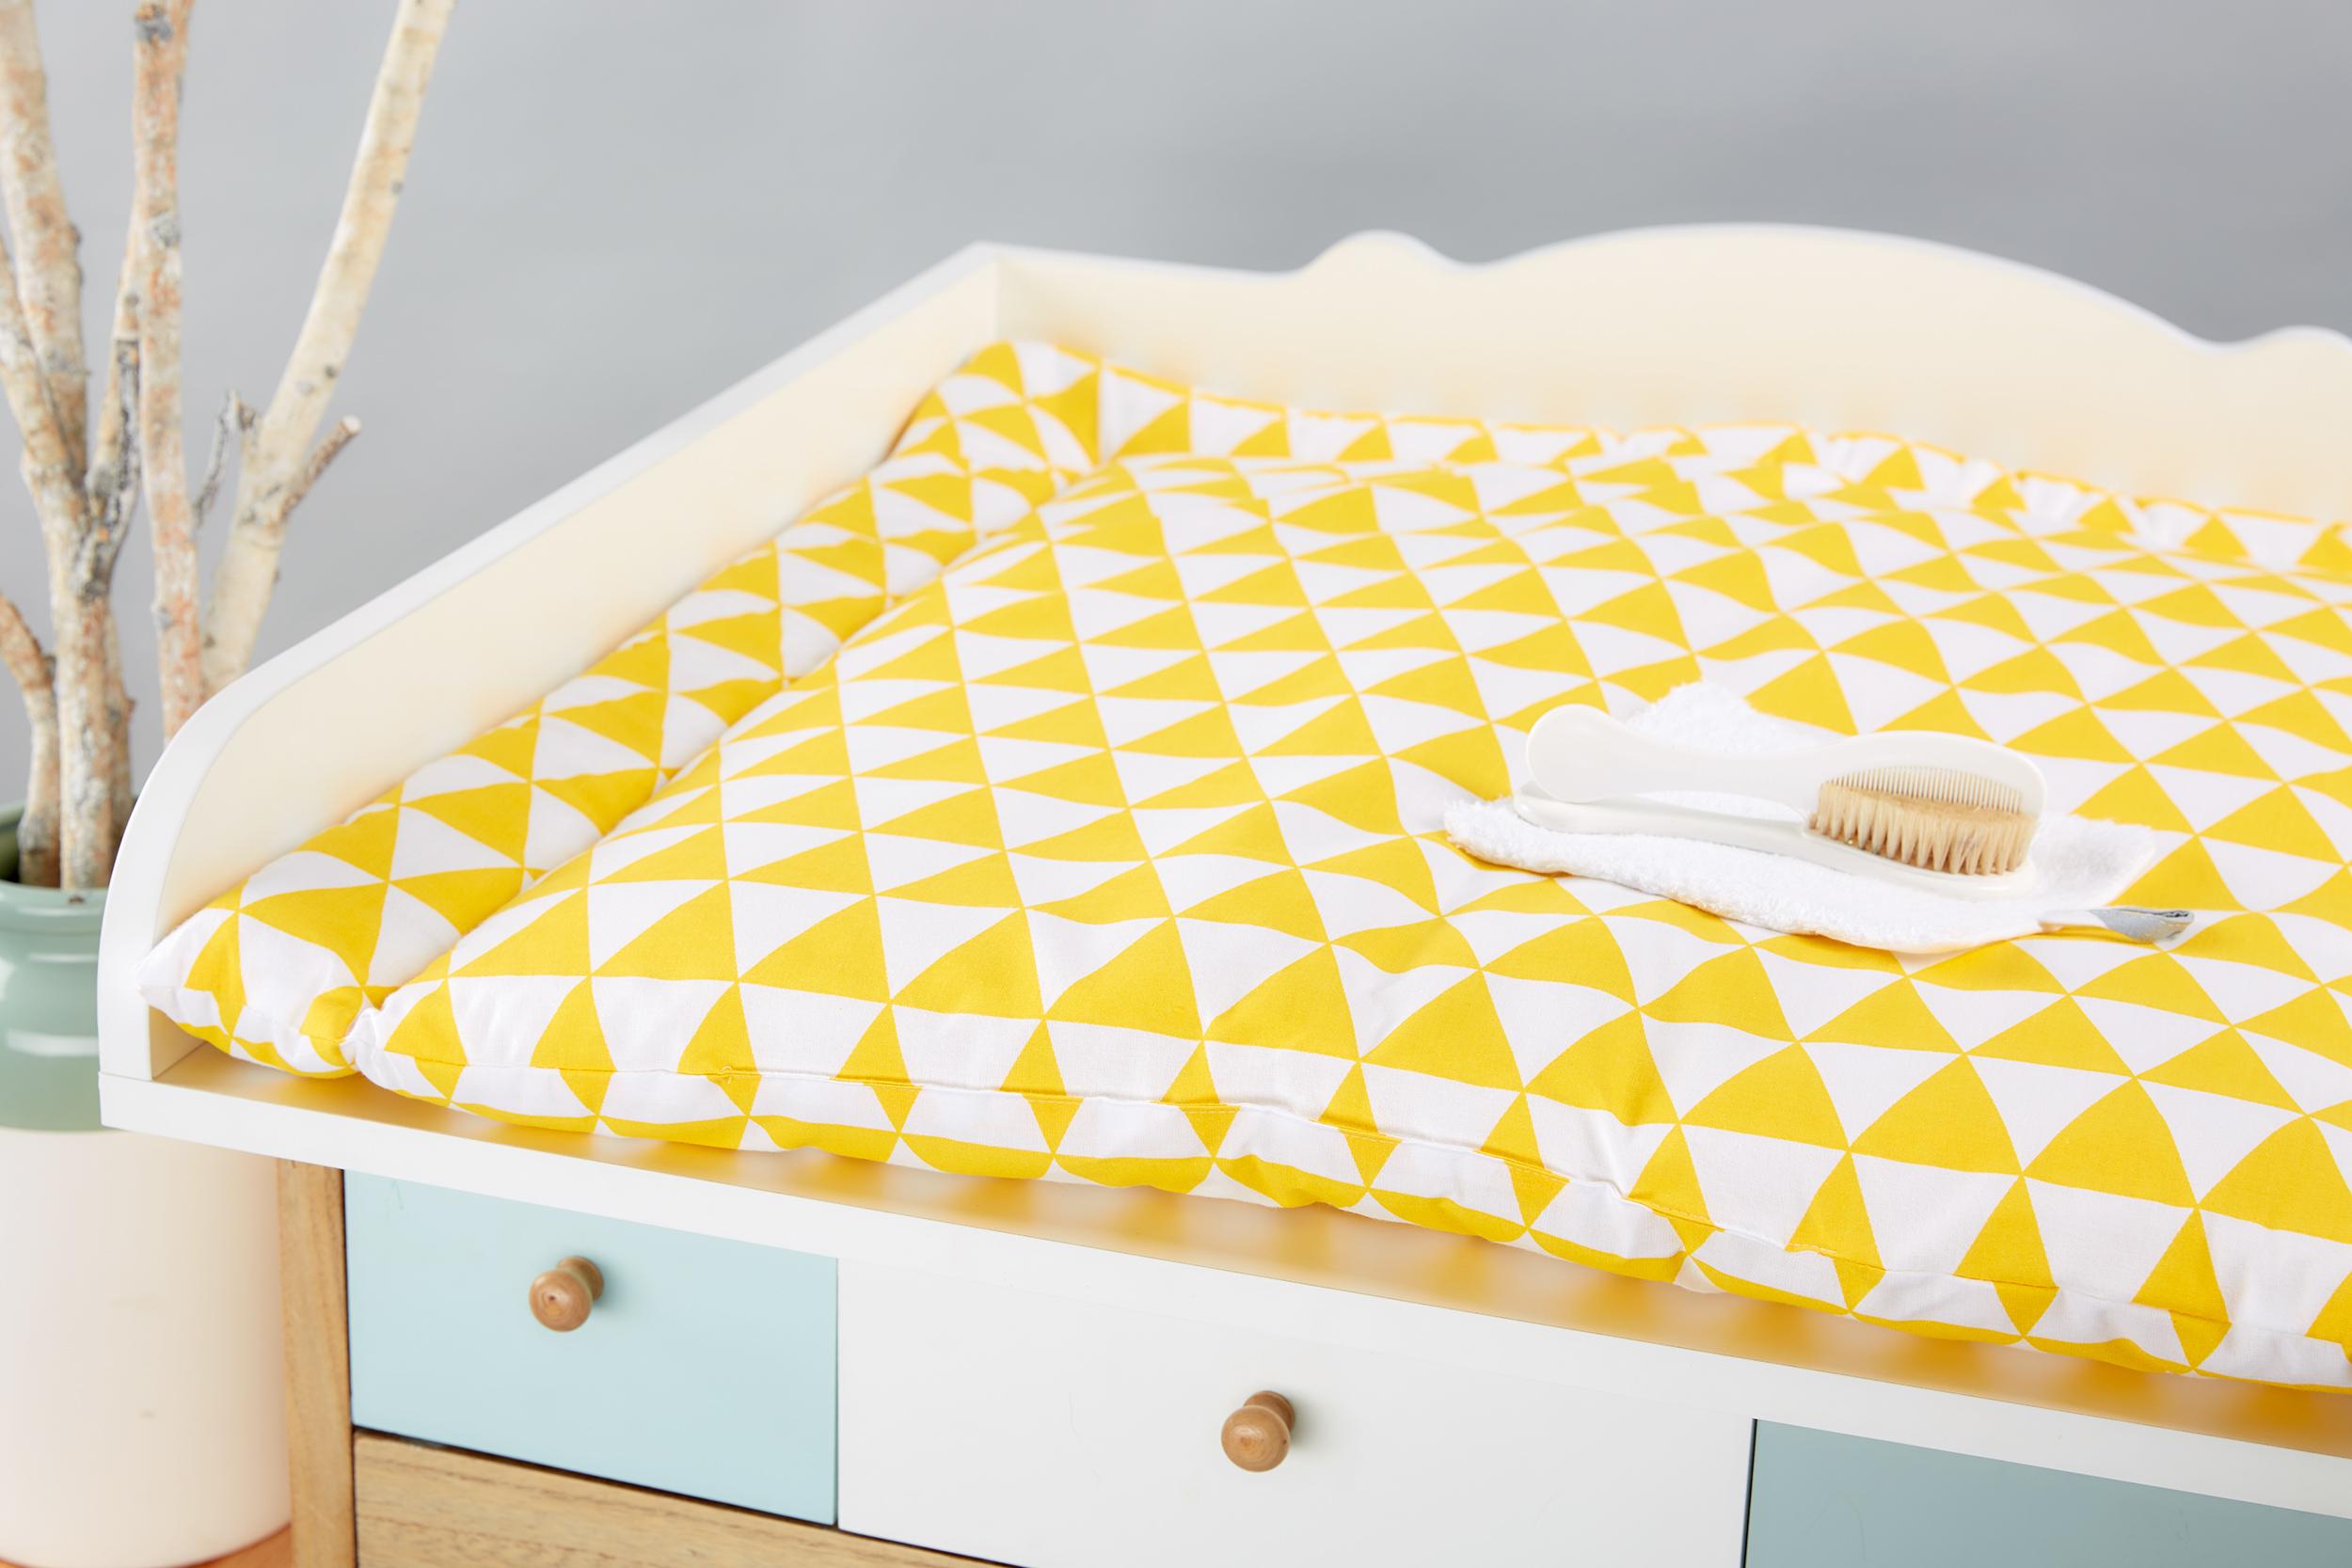 kraftkids wickelauflage gelbe dreiecke 85 cm breit x 75 cm tief. Black Bedroom Furniture Sets. Home Design Ideas